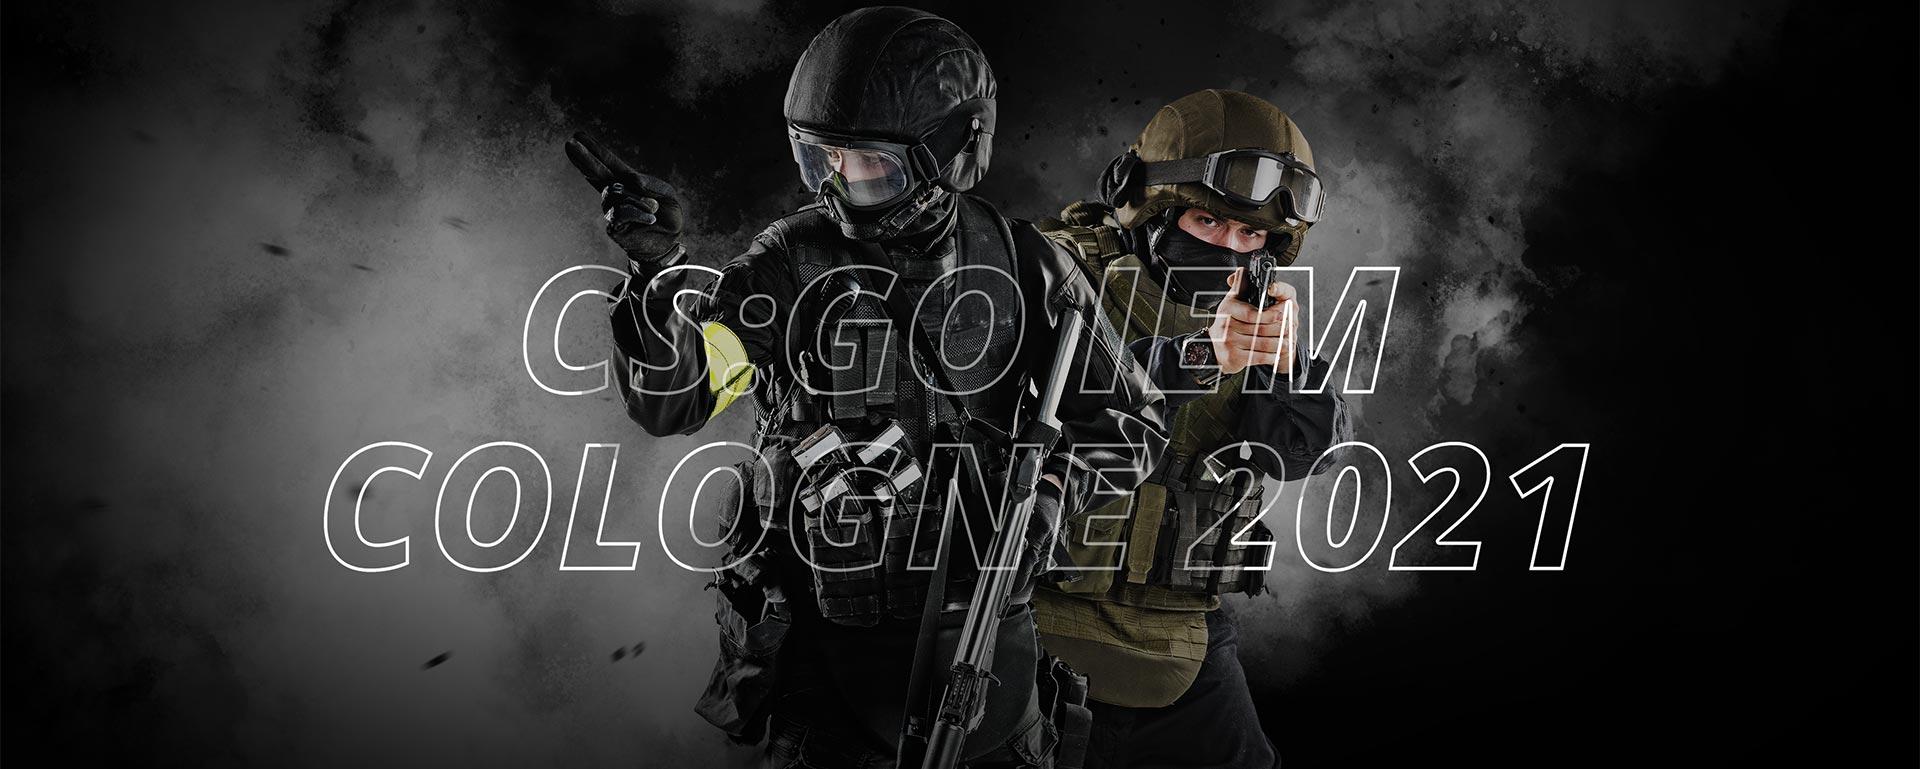 CS:GO — IEM COLOGNE 2021